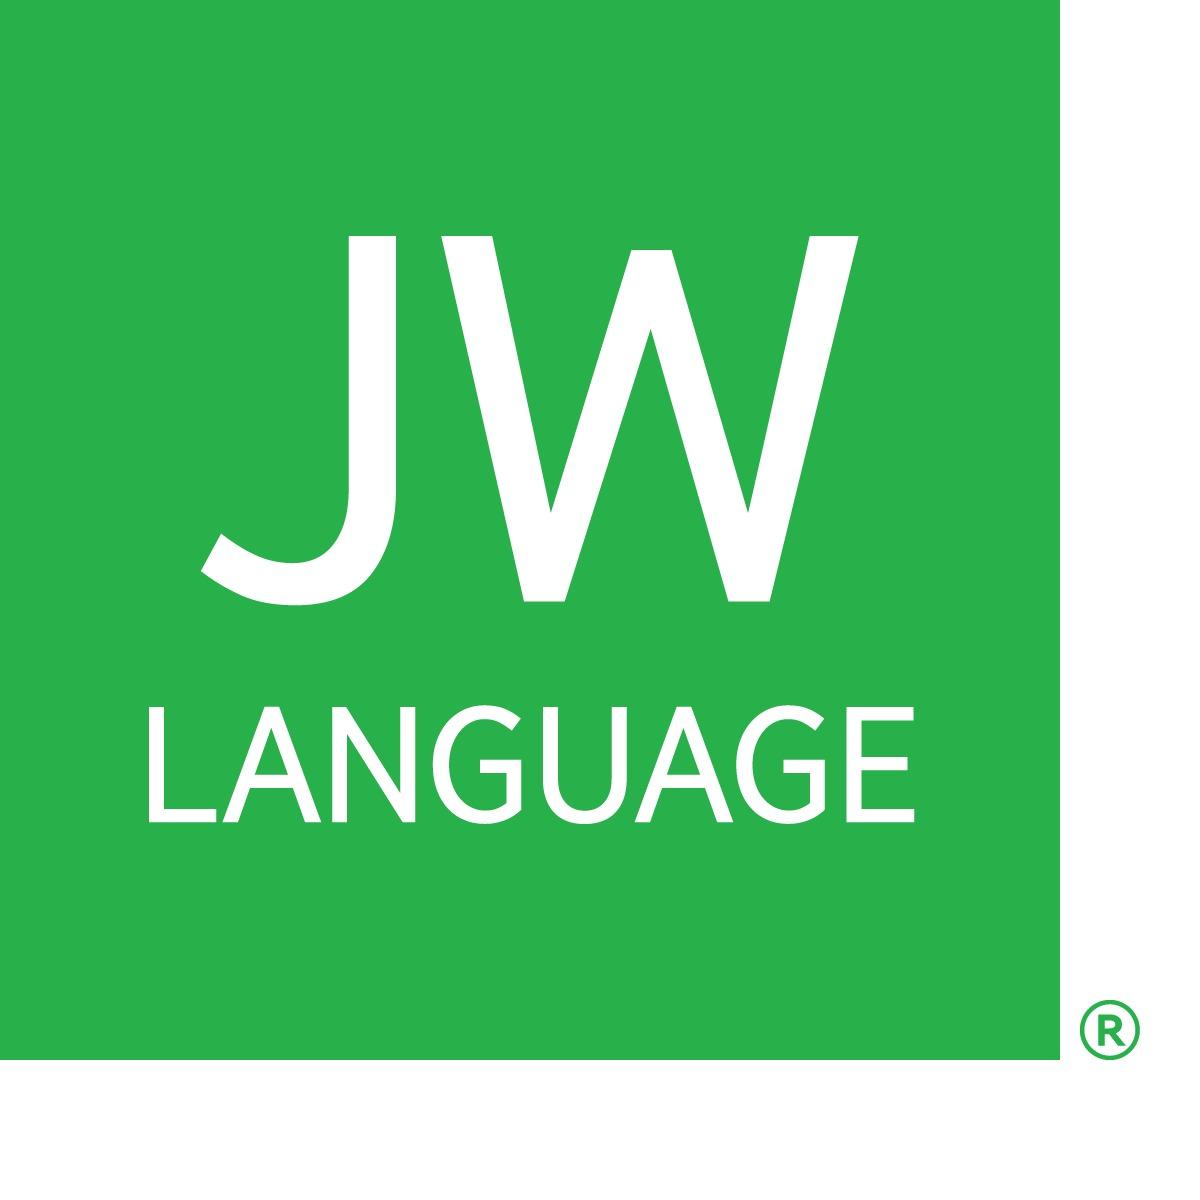 jw languageの機能